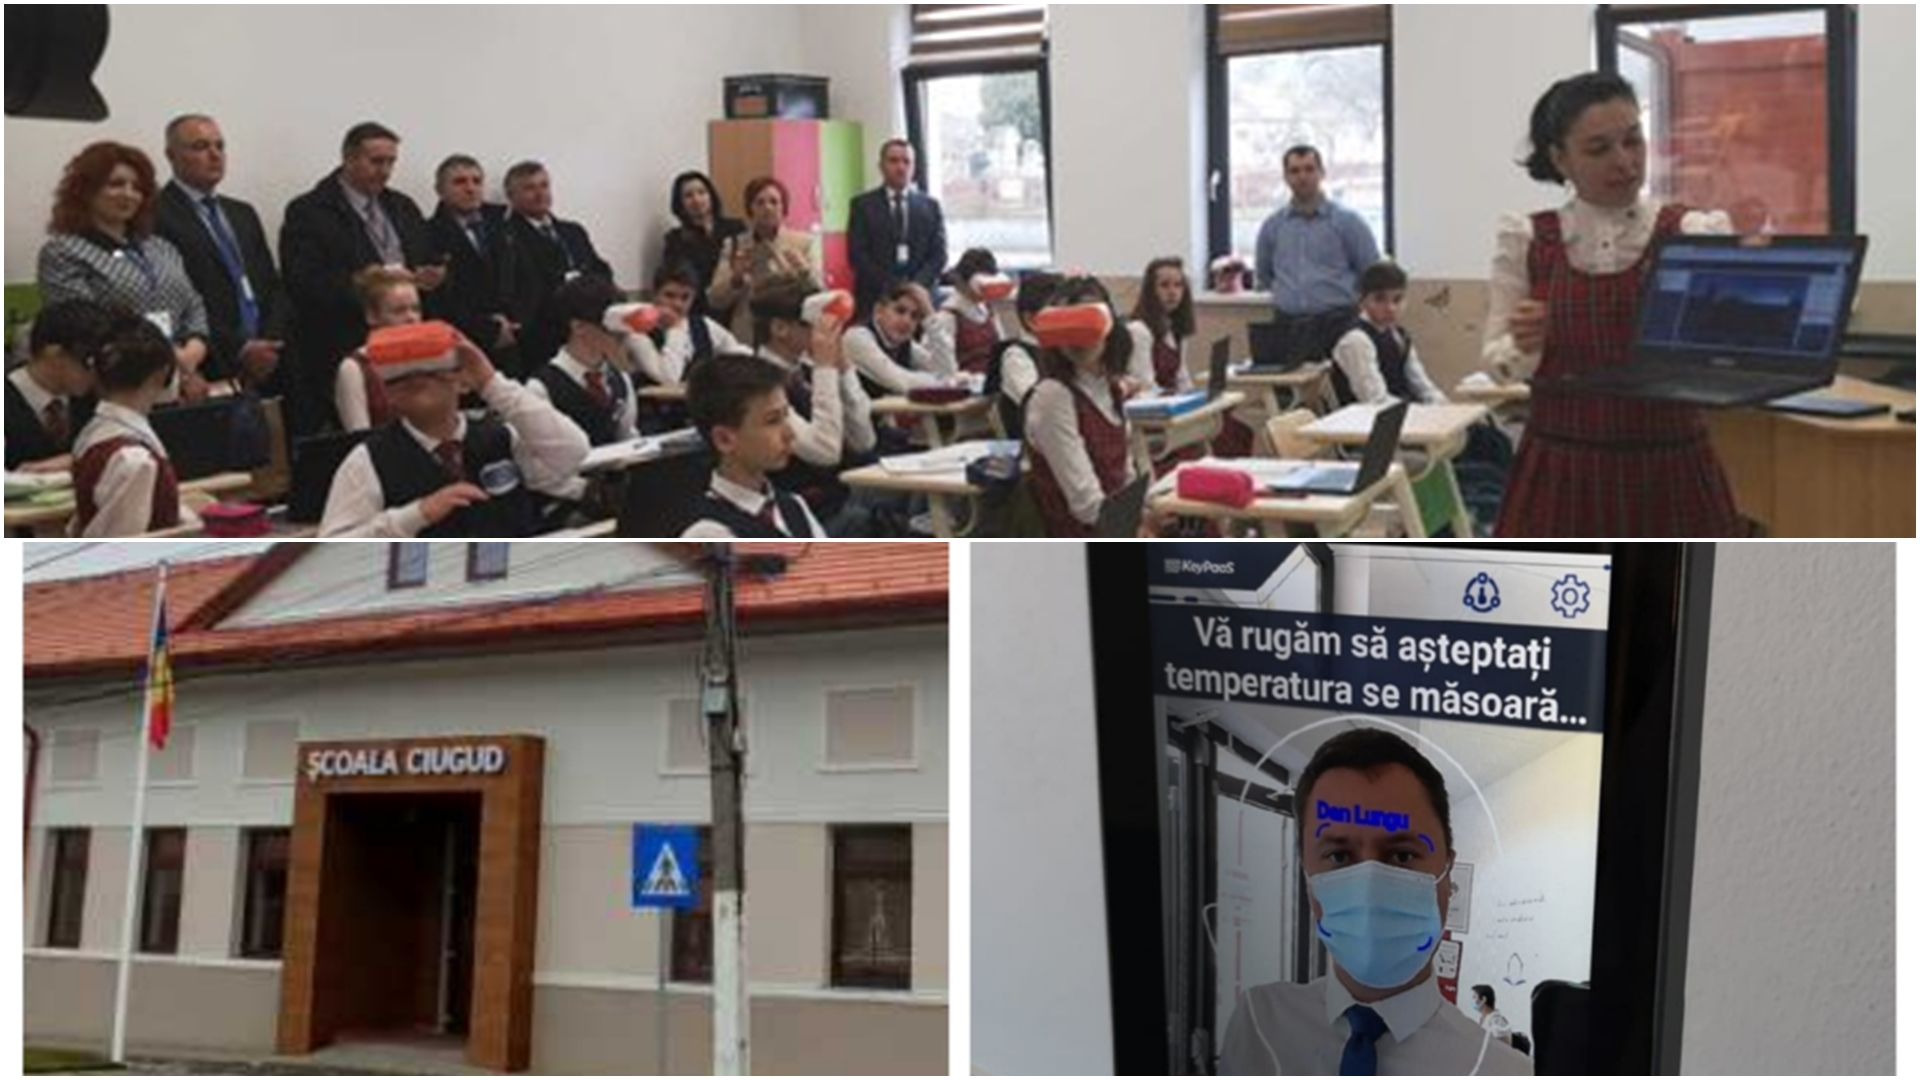 Prima școală smart din România. Este dotat cu sistem de recunoaștere facială și detectarea măștii